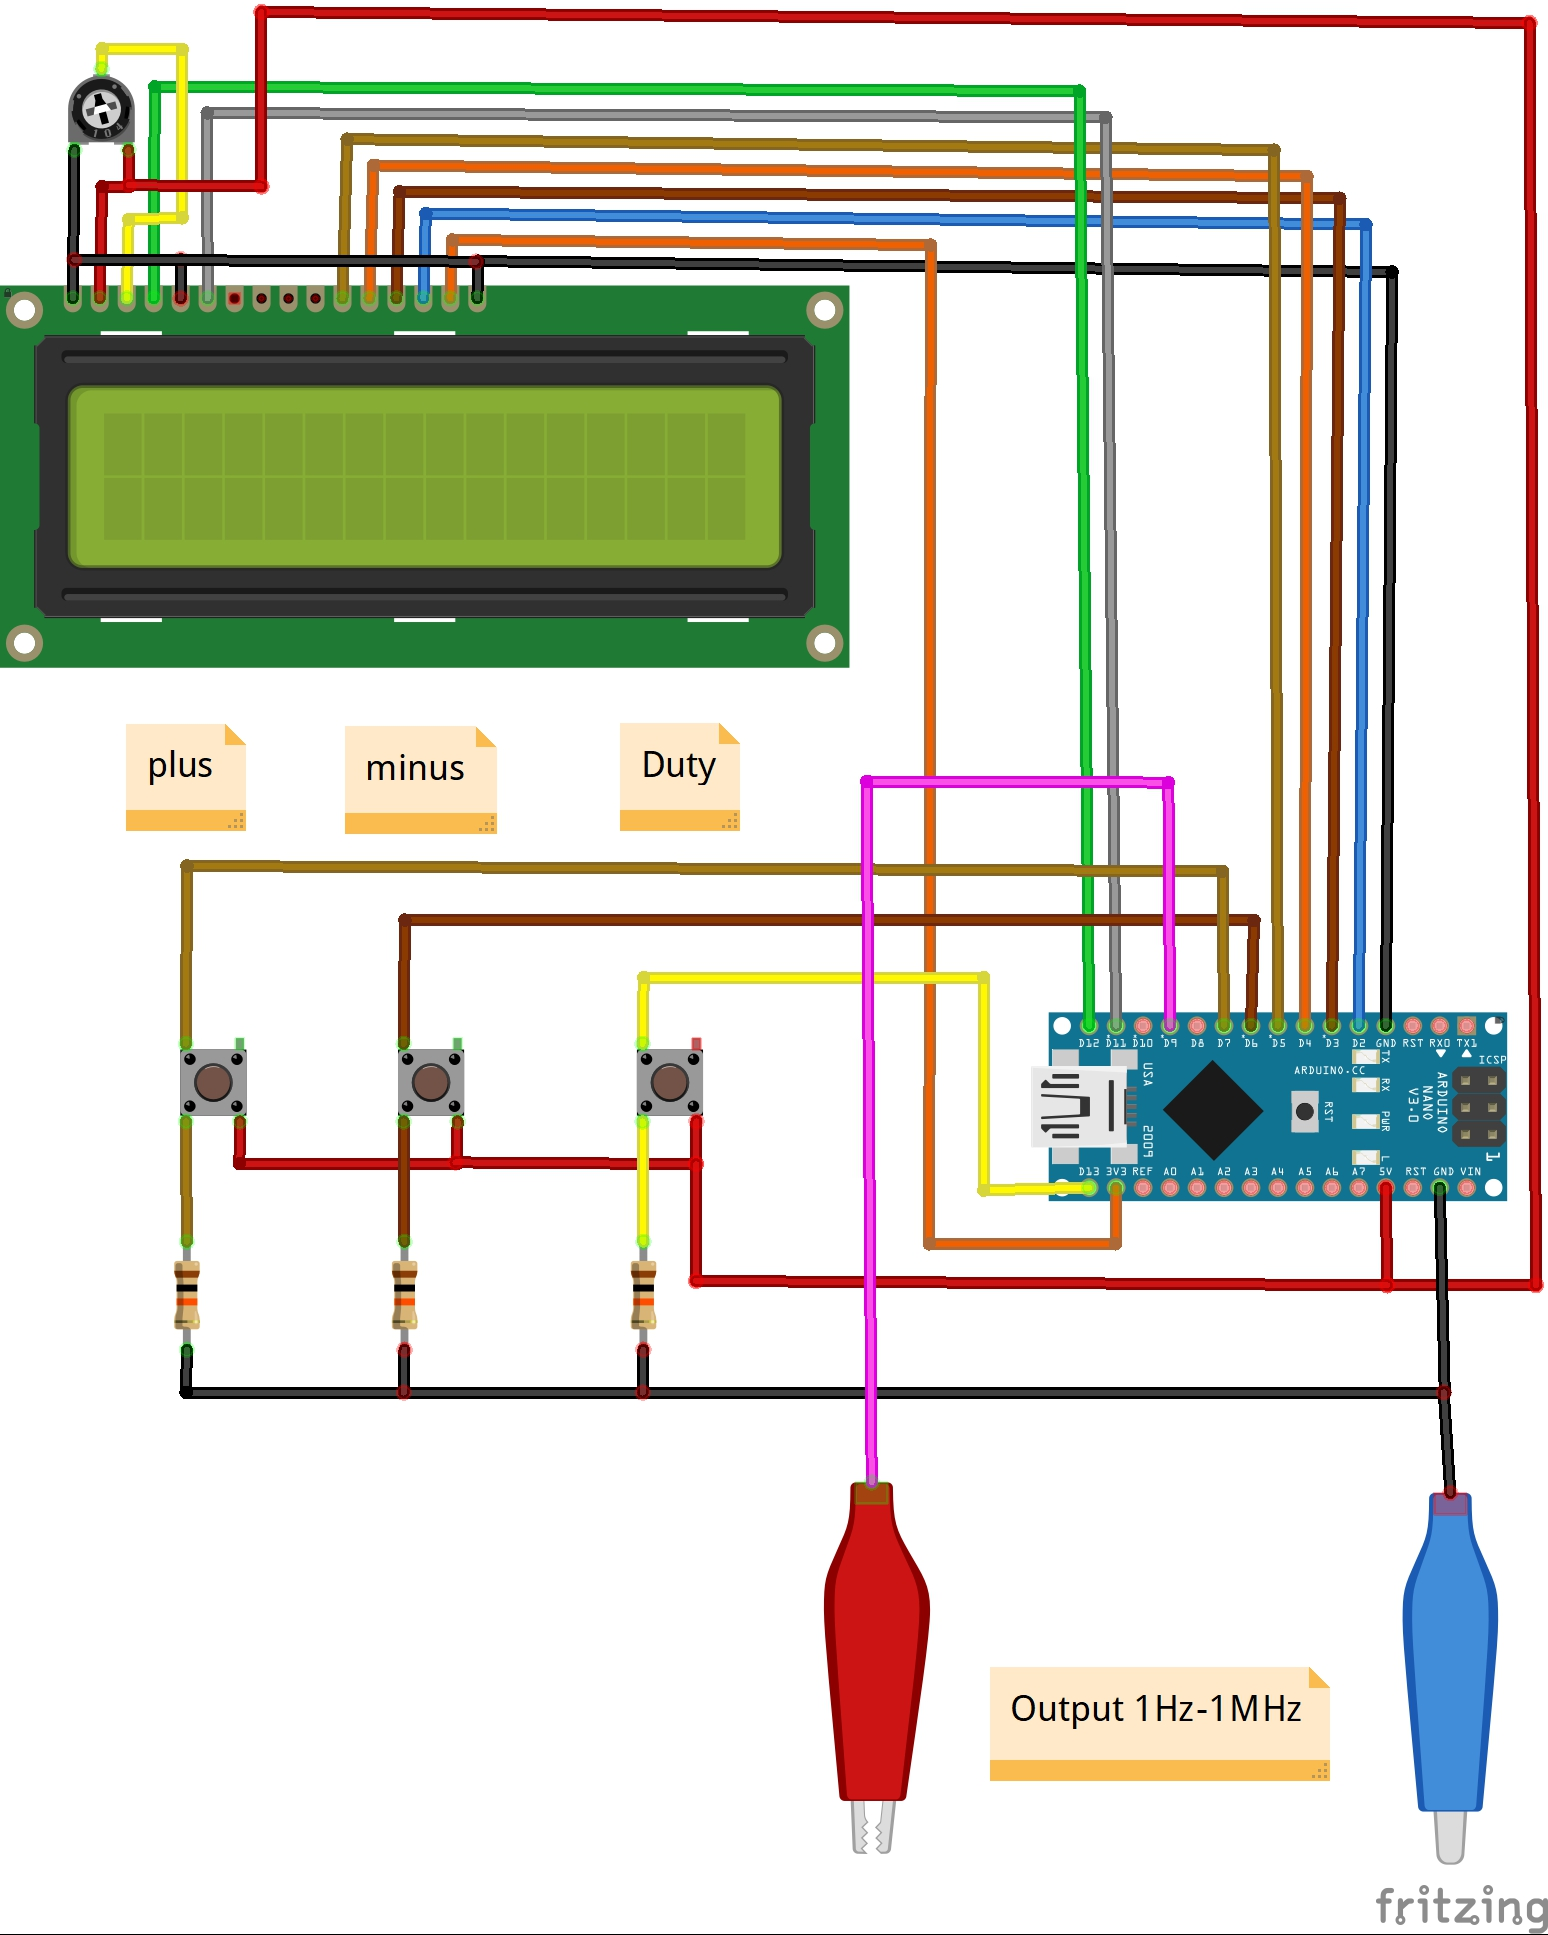 Схема простого генератора прямоугольных импульсов на основе платы Arduino